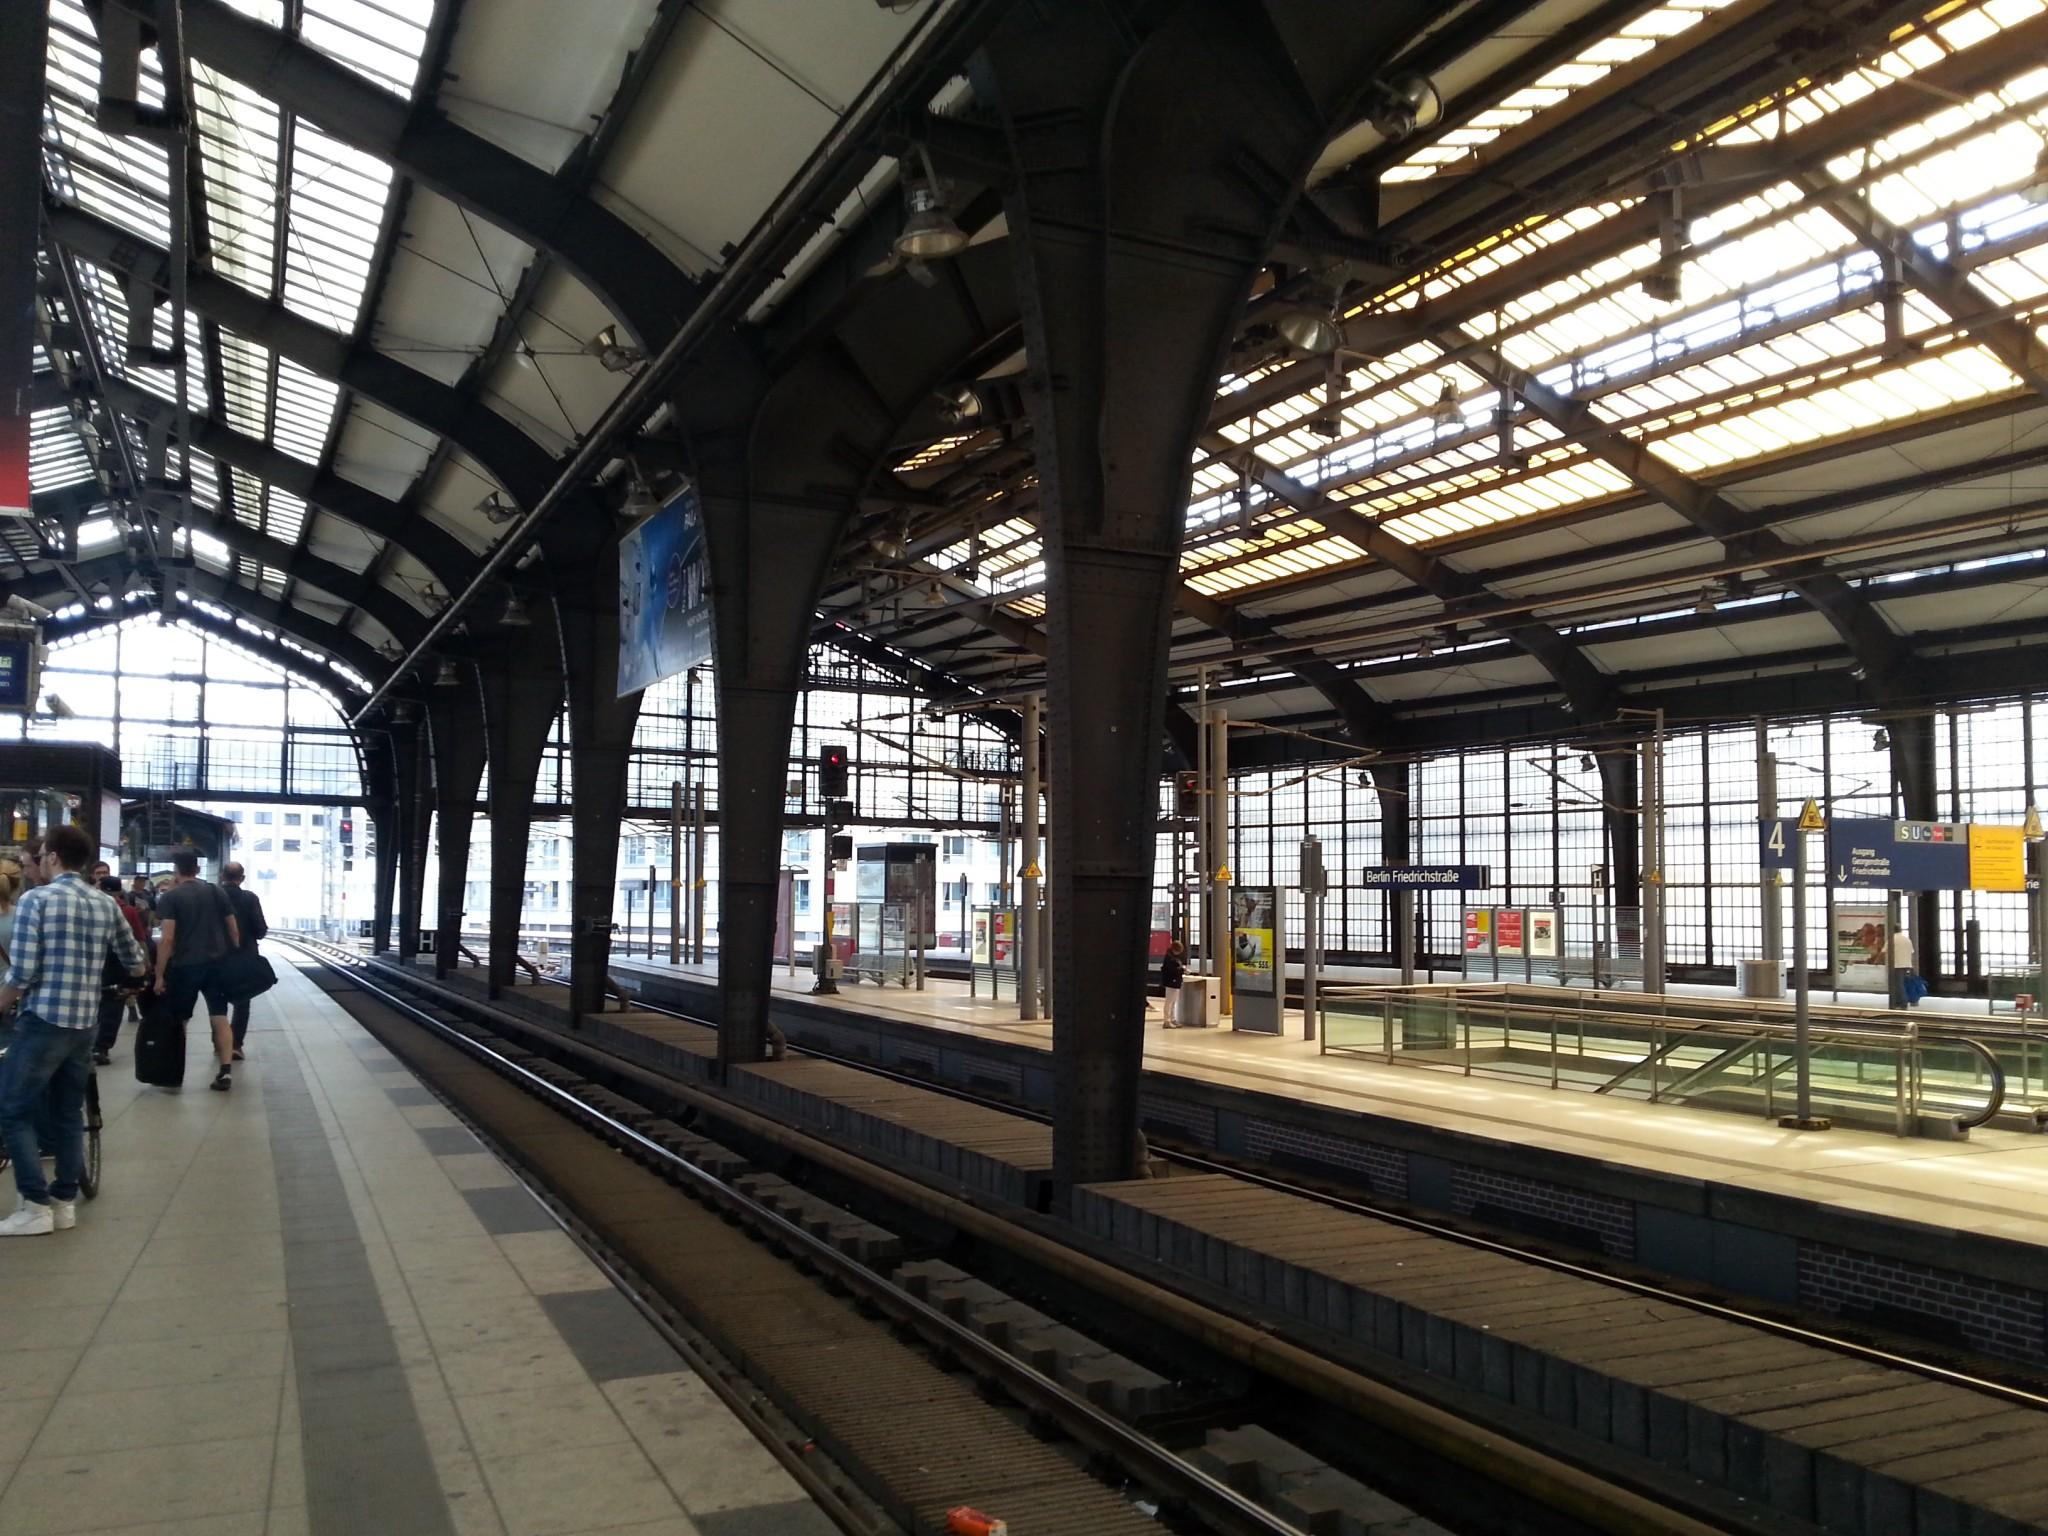 S-junat ja U-junat menee sekaisin, ja välillä oltiin ihan hukassa mihin suuntaan piti olla kulkemassa. Ja voihan lipun osto, miten osasikin olla vaikeaa!